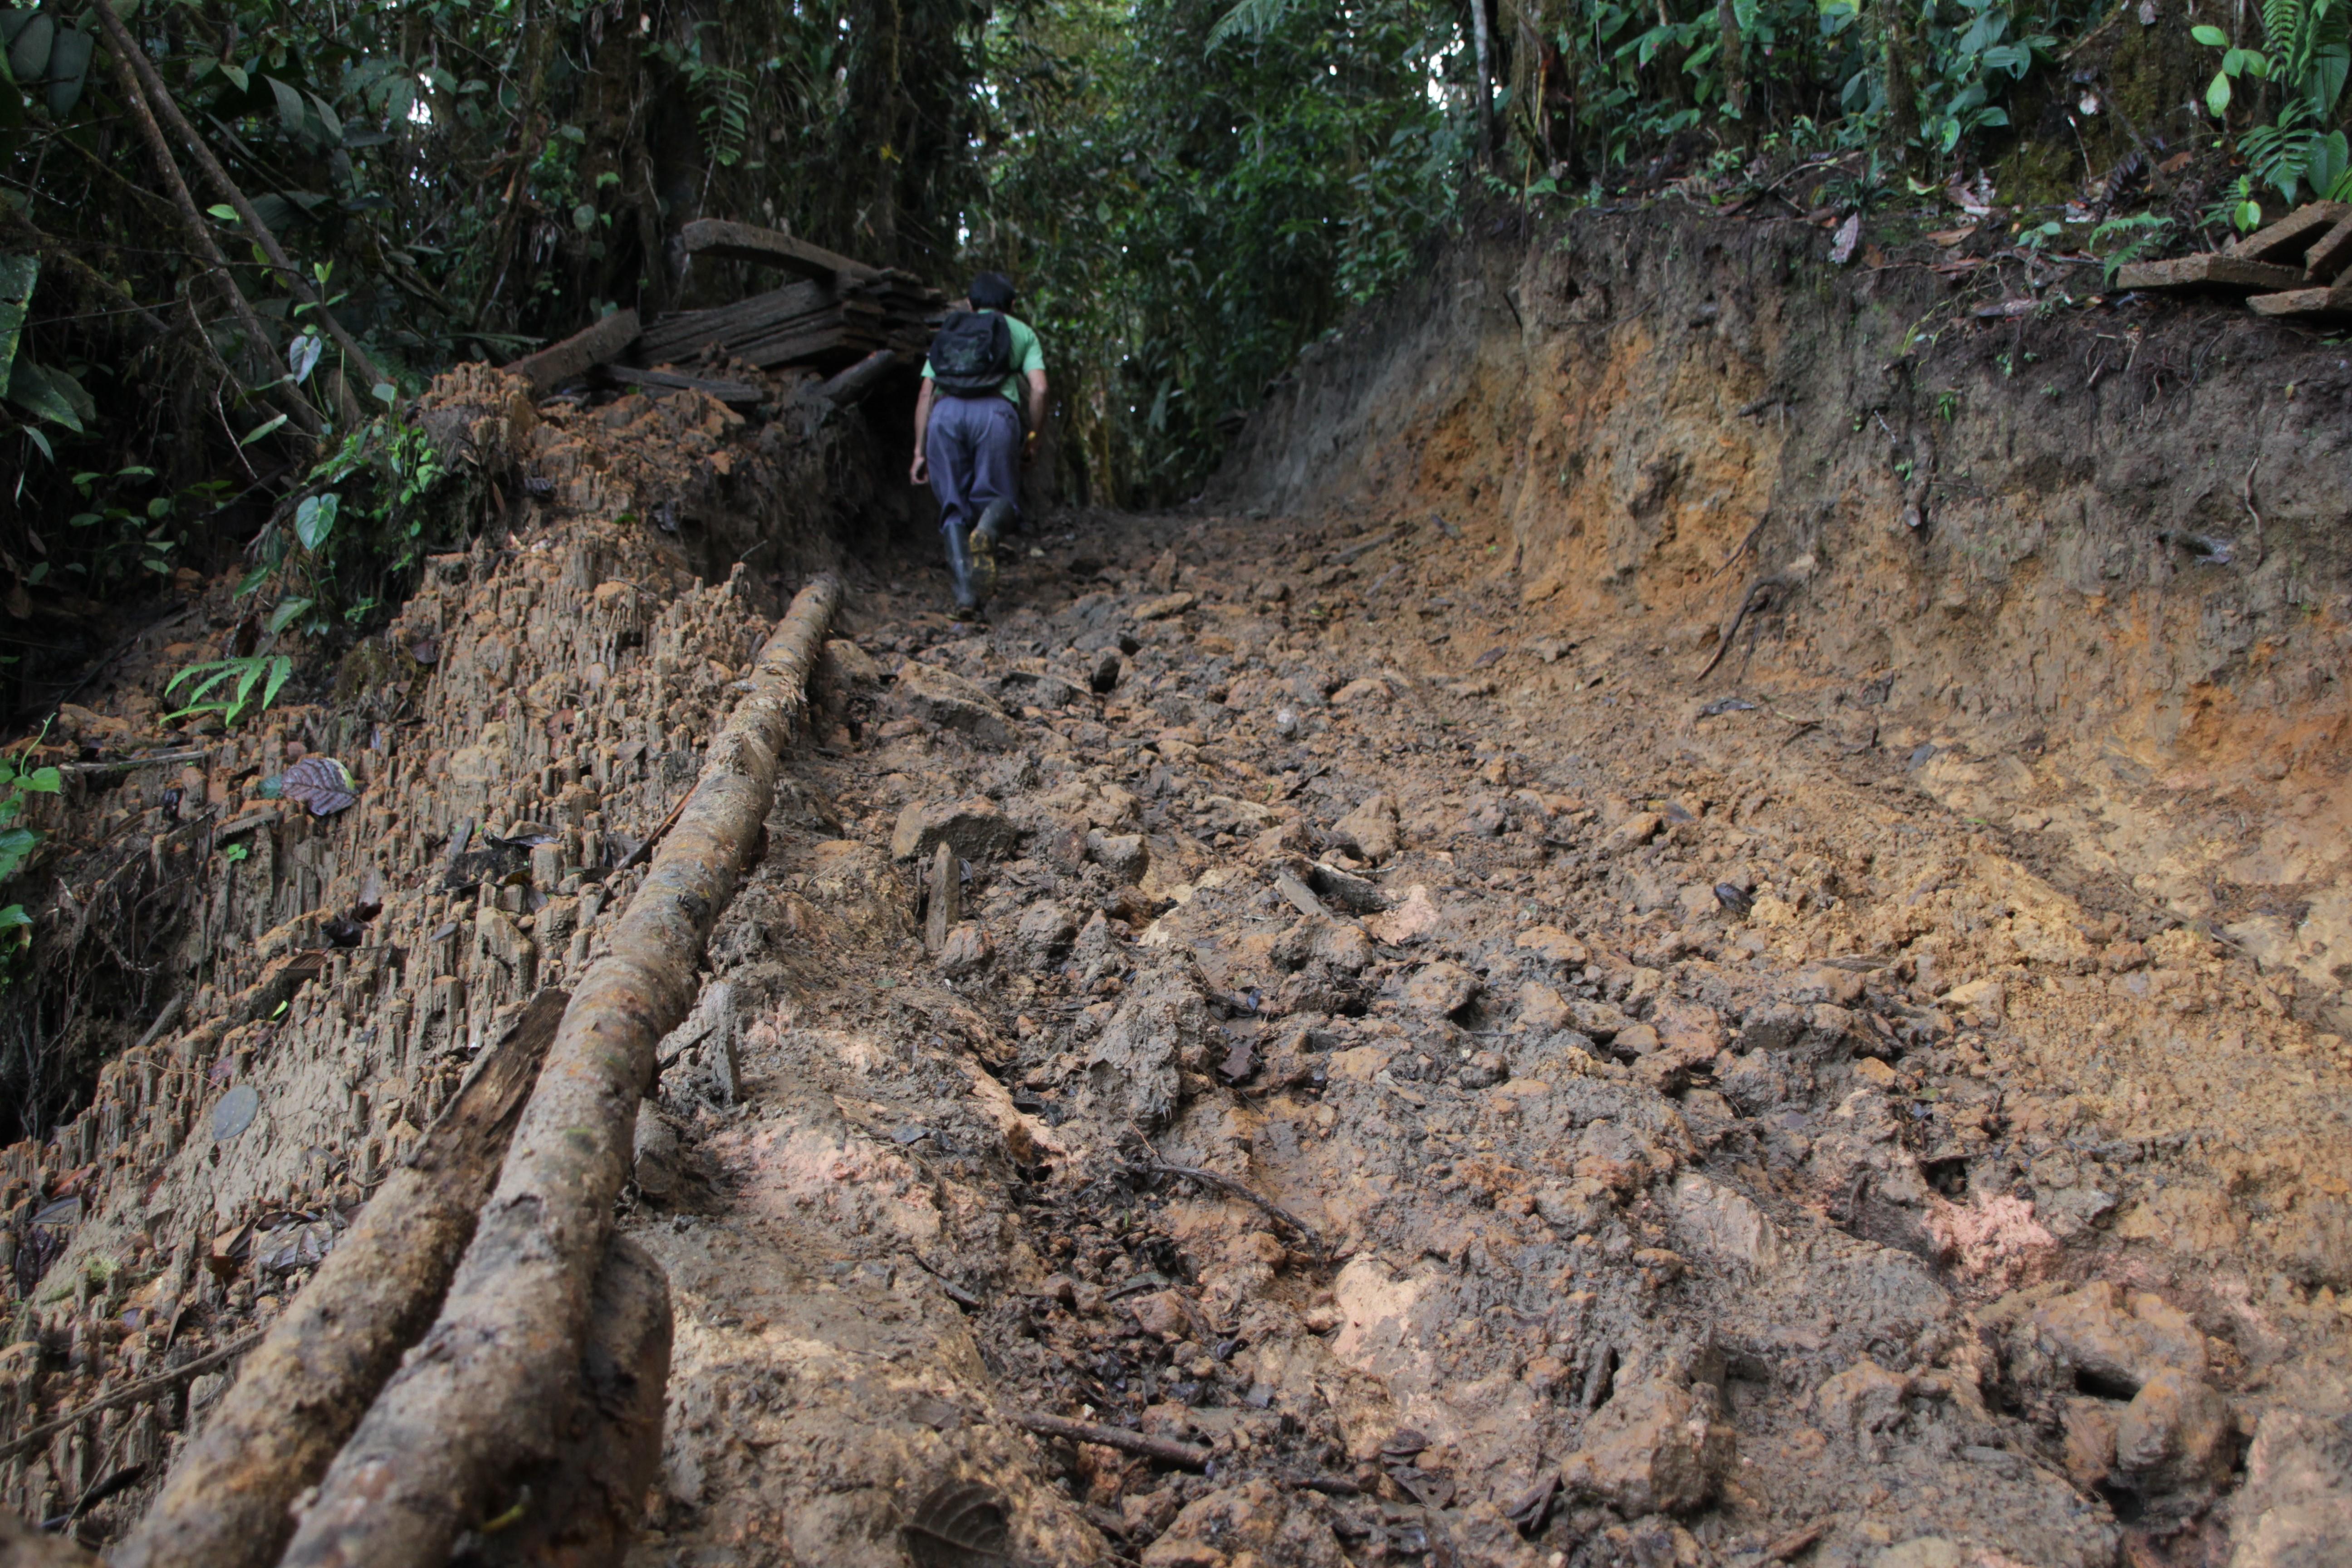 Le chemin raide et boueux mène au campement des ouvriers de la mine de Junín (© Jérôme Decoster).